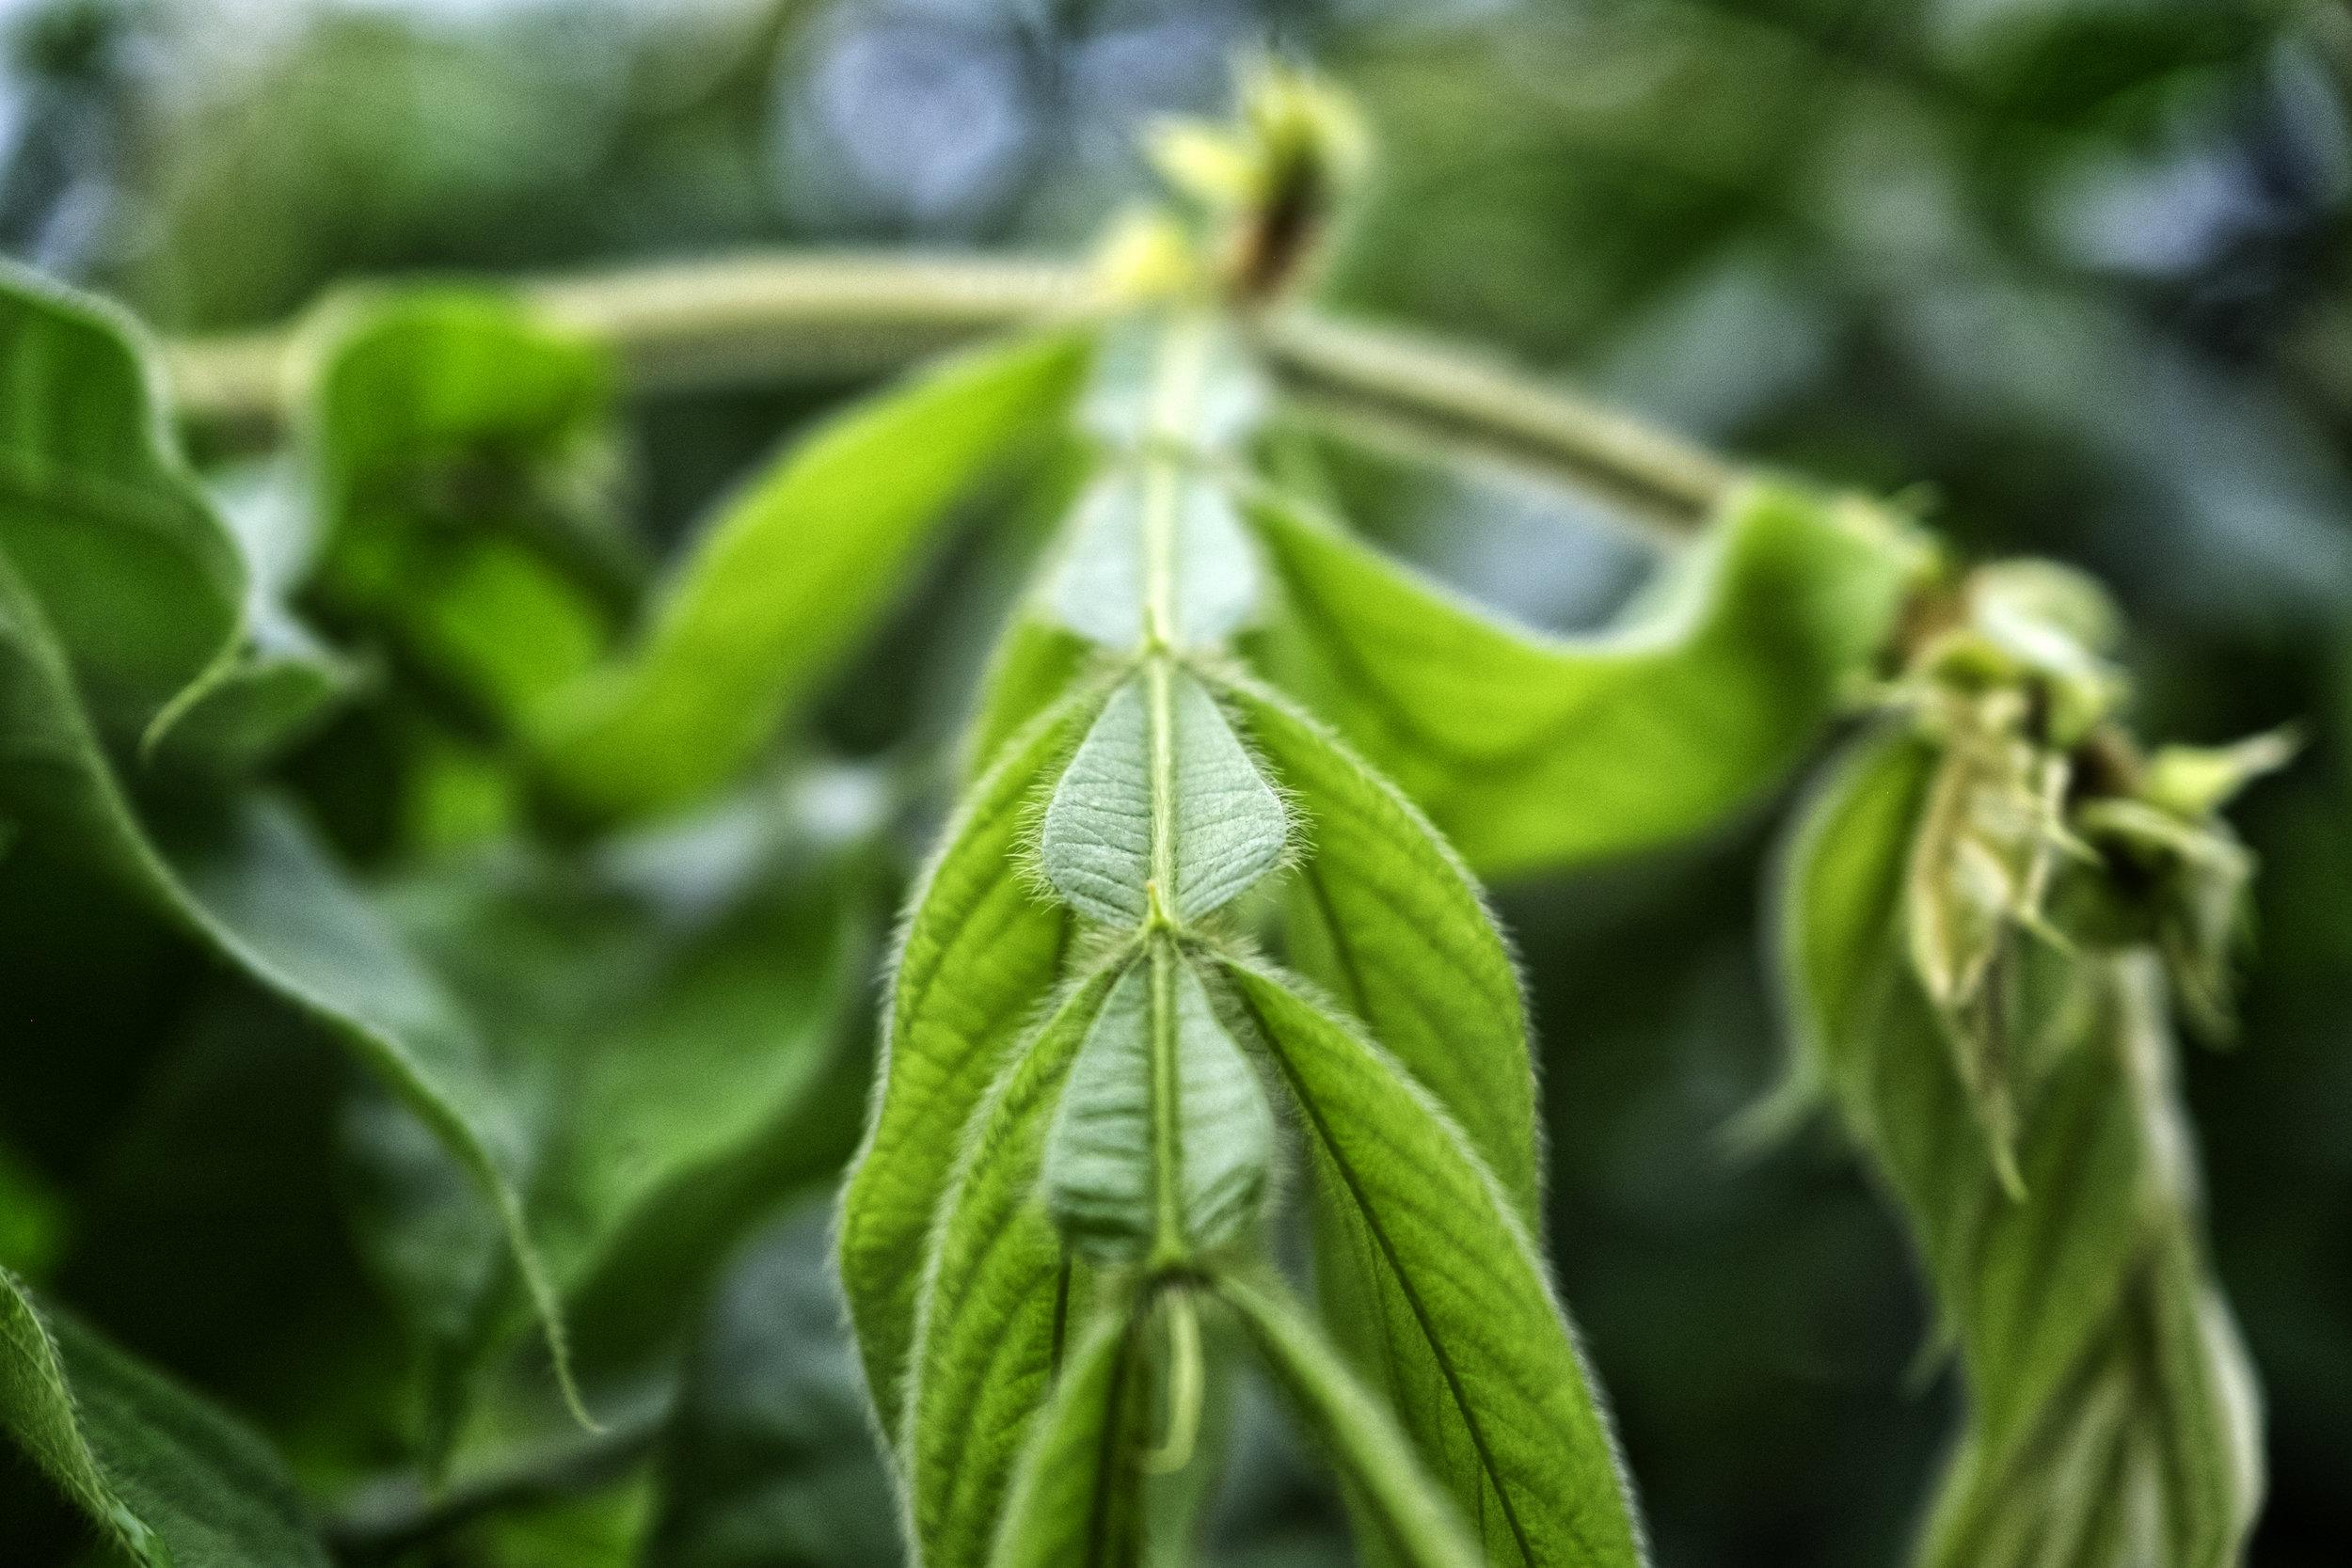 The felt-like leaves of  Inga setosa.